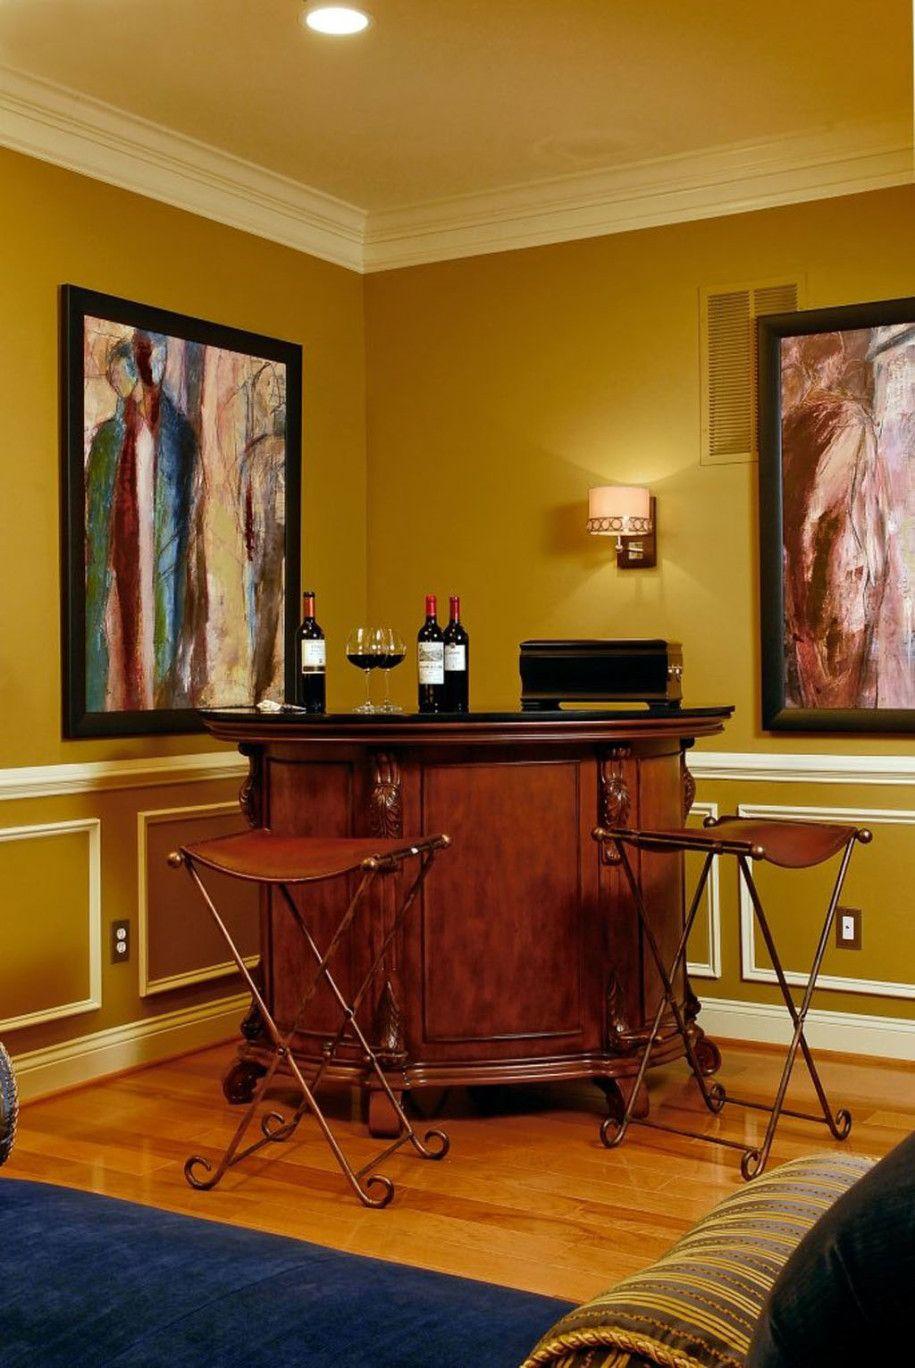 1000 images about mini bar on pinterest mini bars small home bars and home bars black mini bar home wrought